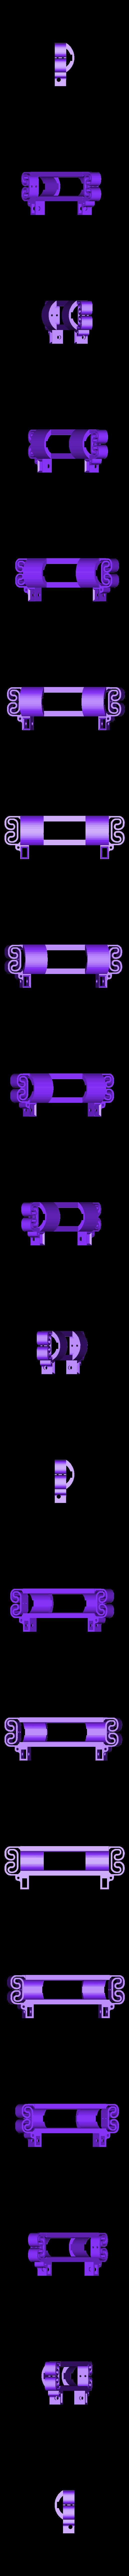 BatteryHolder.stl Télécharger fichier STL gratuit Filière électrifiée. • Modèle à imprimer en 3D, SiberK